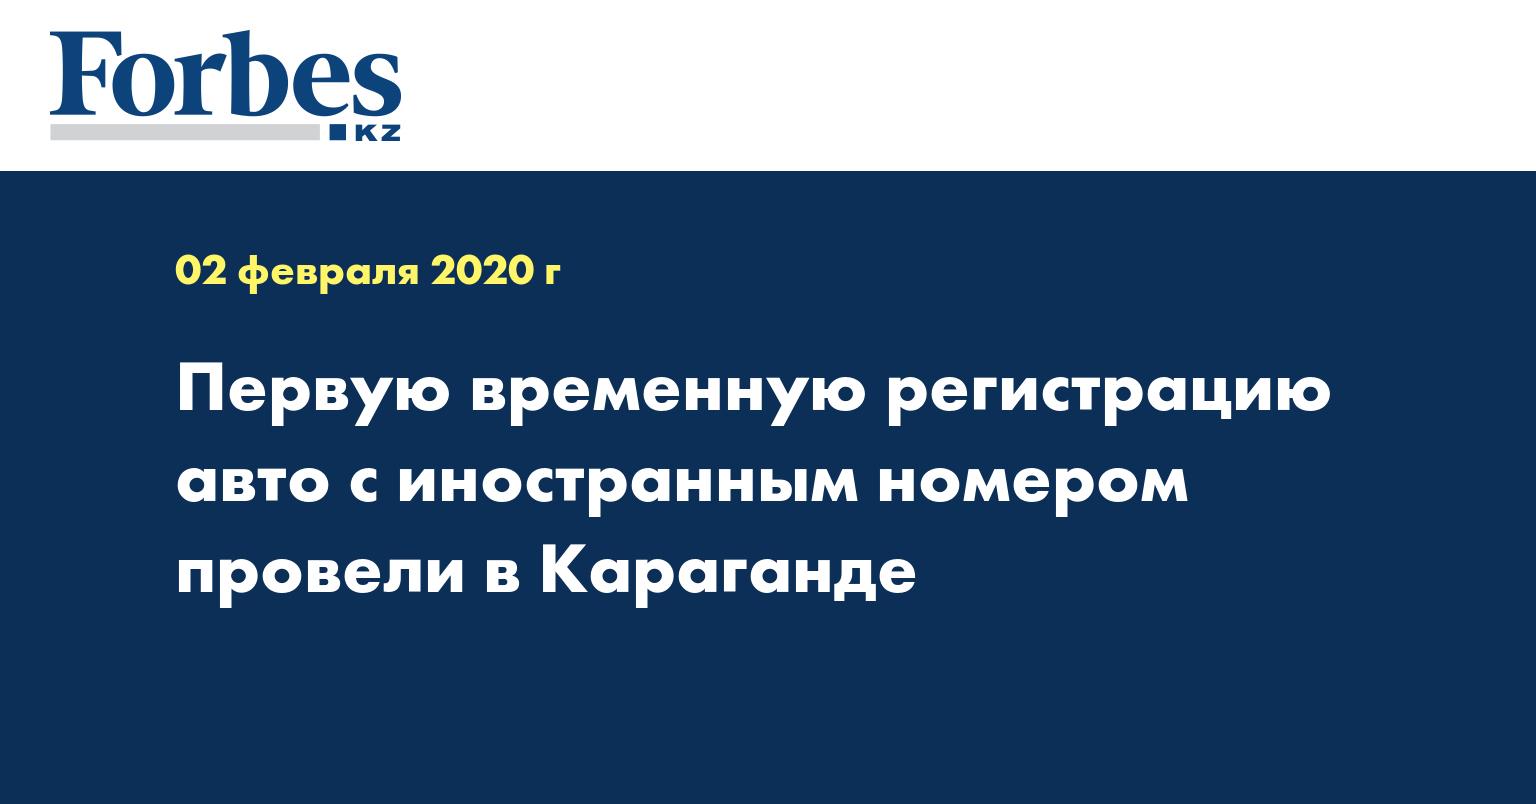 Постановка автомобиля на учет в гибдд — поставить машину на учет в москве. регистрация авто в 2020 году новым собственником после покупки